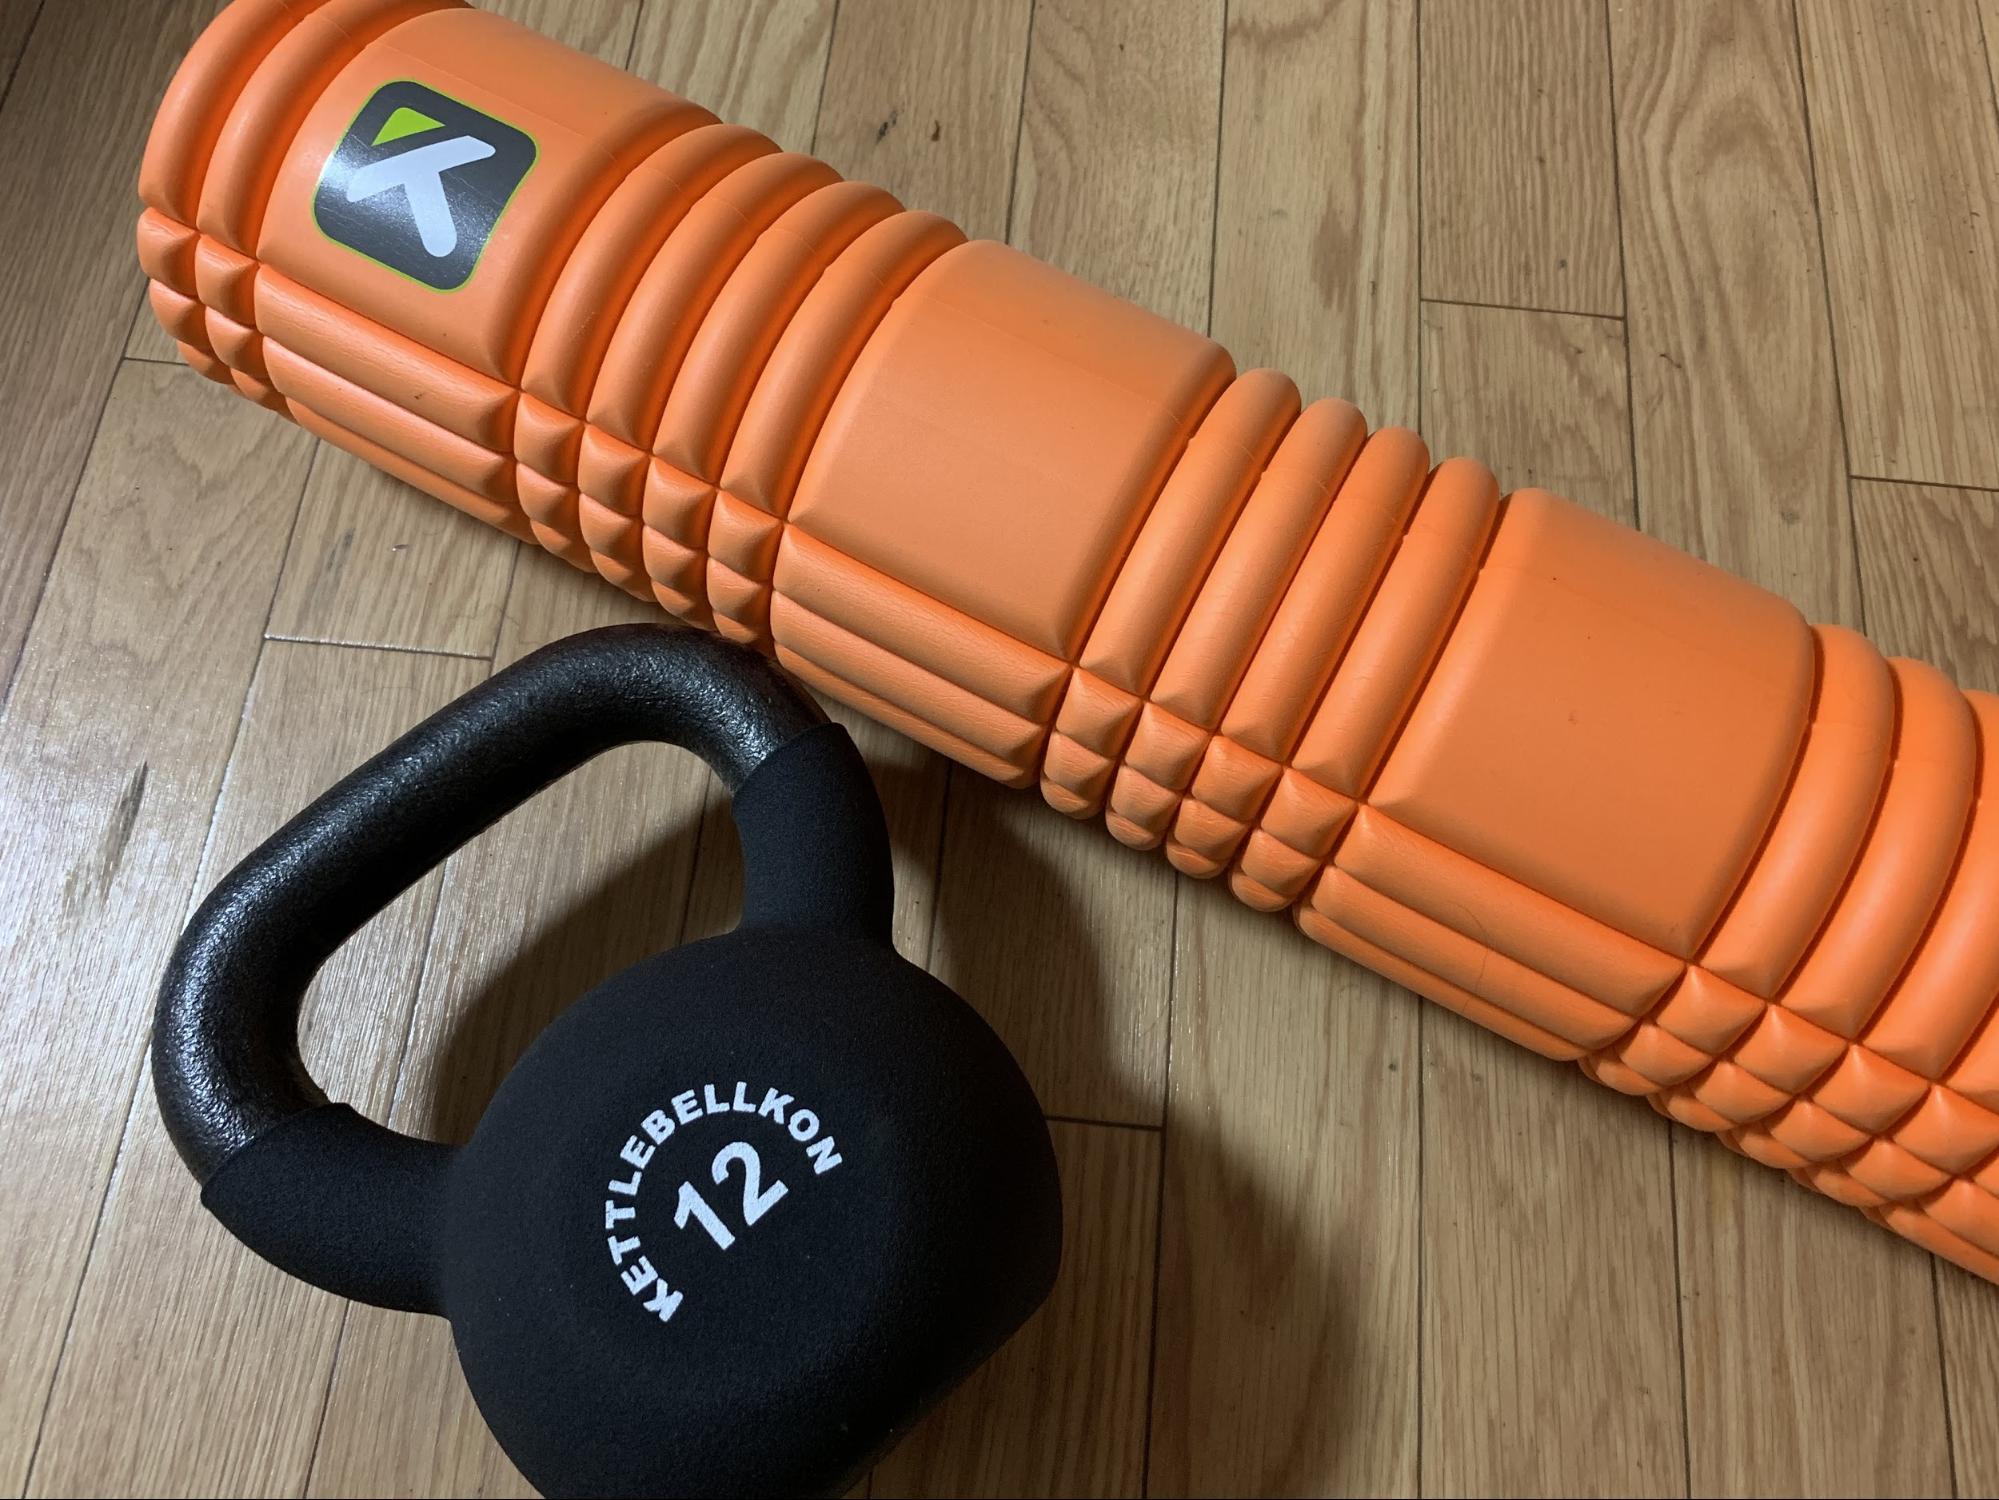 室内トレーニングに使う器具(トリガーポイント グリッド、ケトルベル )